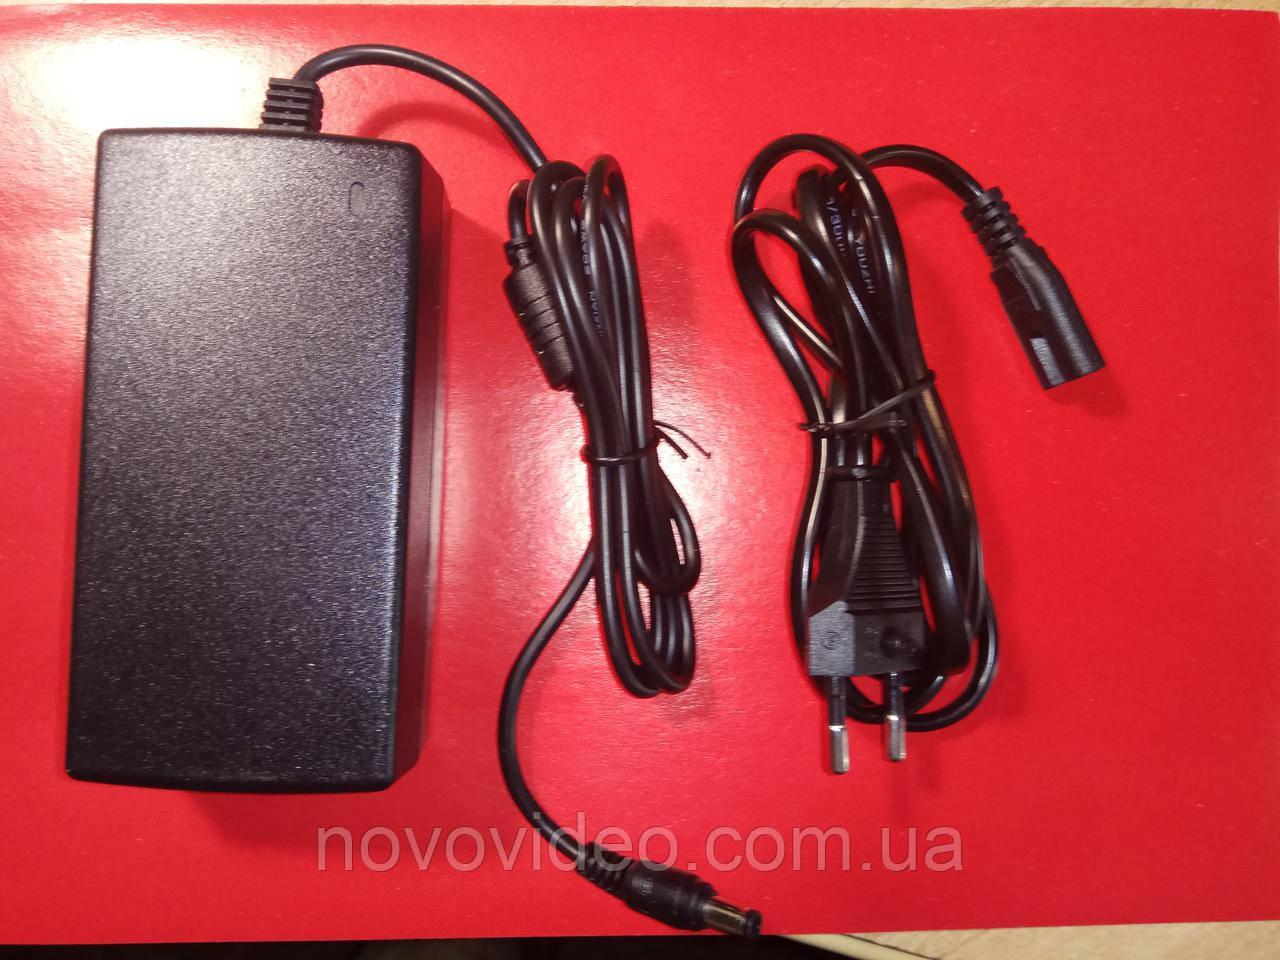 Блок питания для видеонаблюдения Camstar 12 вольт 6 ампер